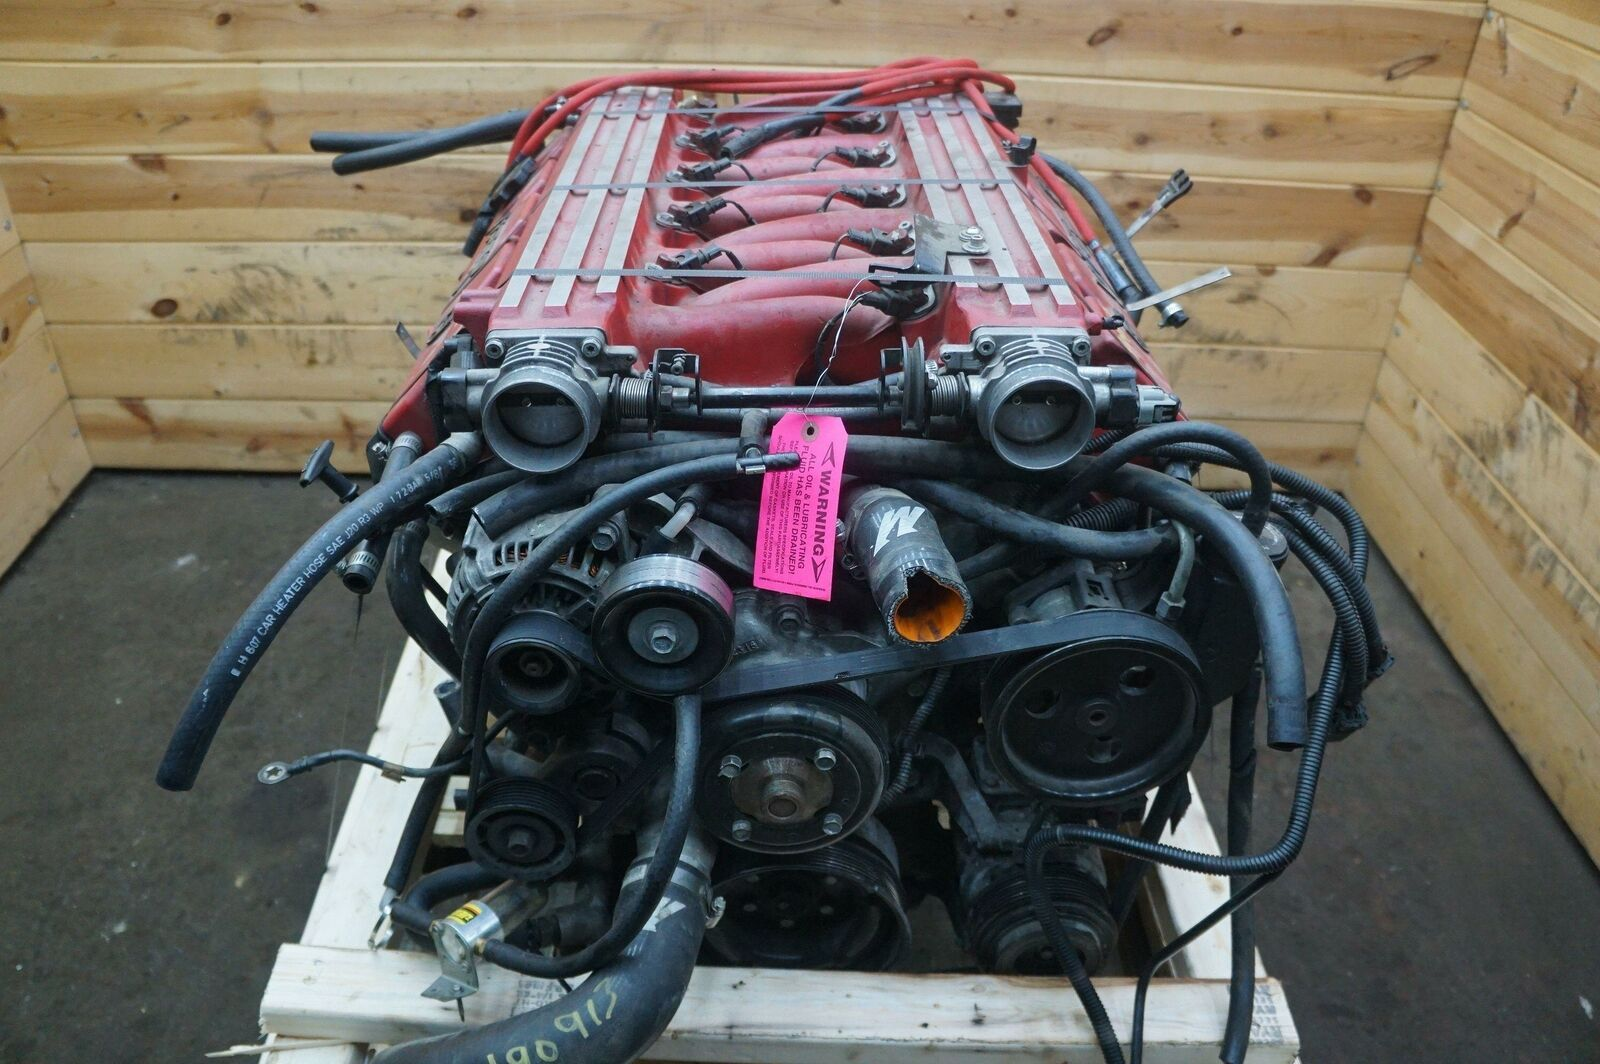 V10 Engine In 2020 Dodge Viper Engines For Sale V10 Engine